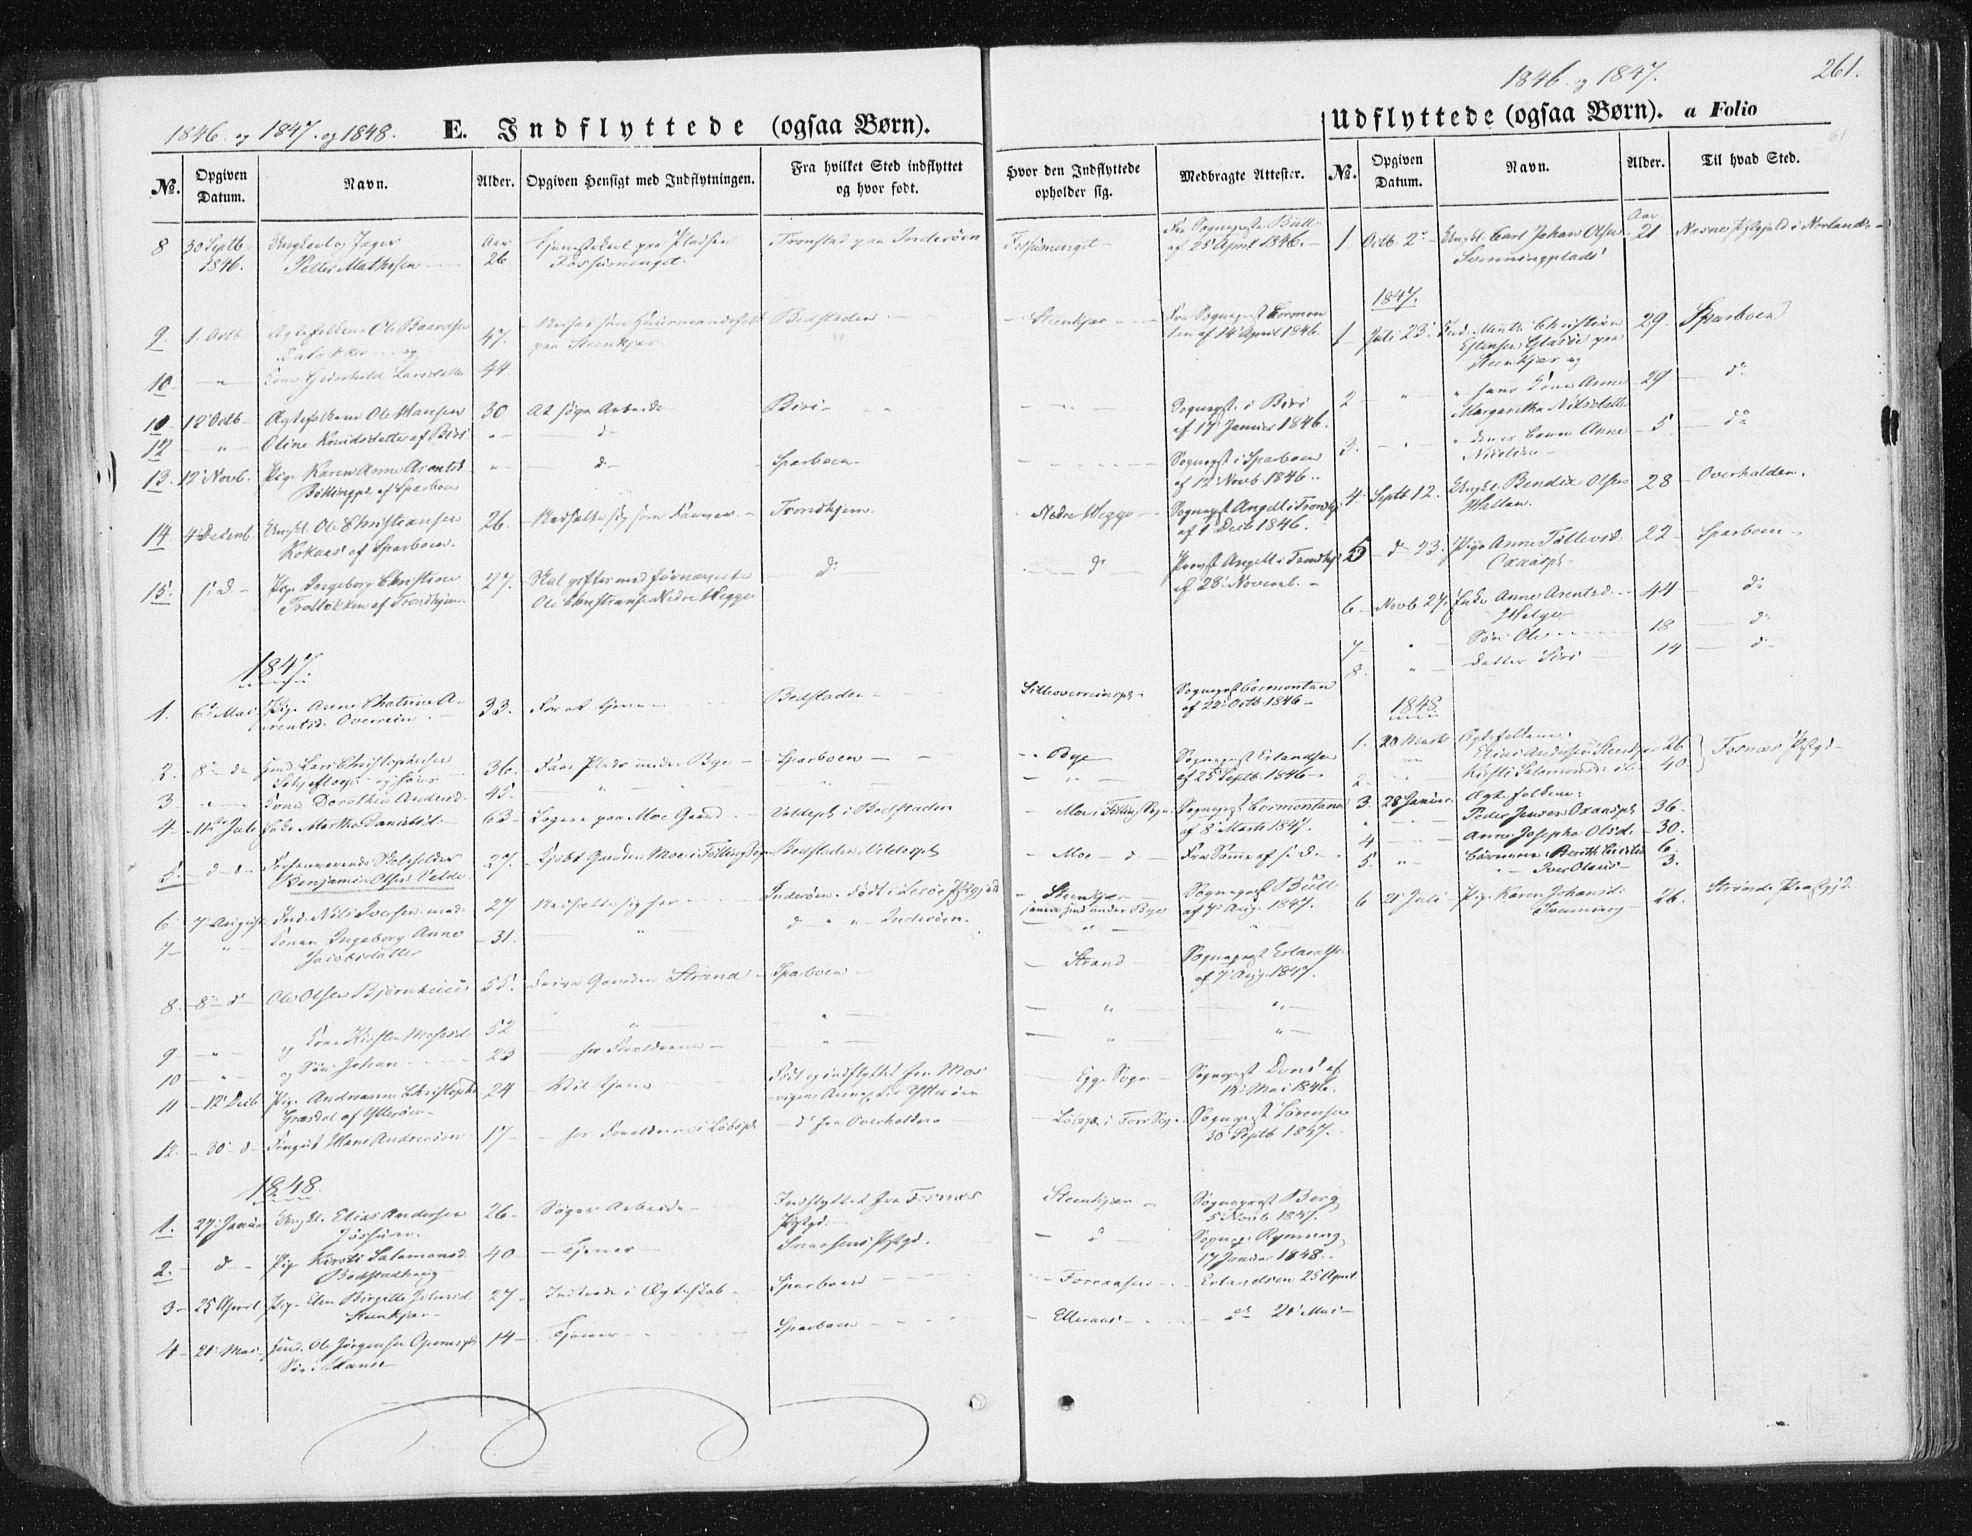 SAT, Ministerialprotokoller, klokkerbøker og fødselsregistre - Nord-Trøndelag, 746/L0446: Ministerialbok nr. 746A05, 1846-1859, s. 261